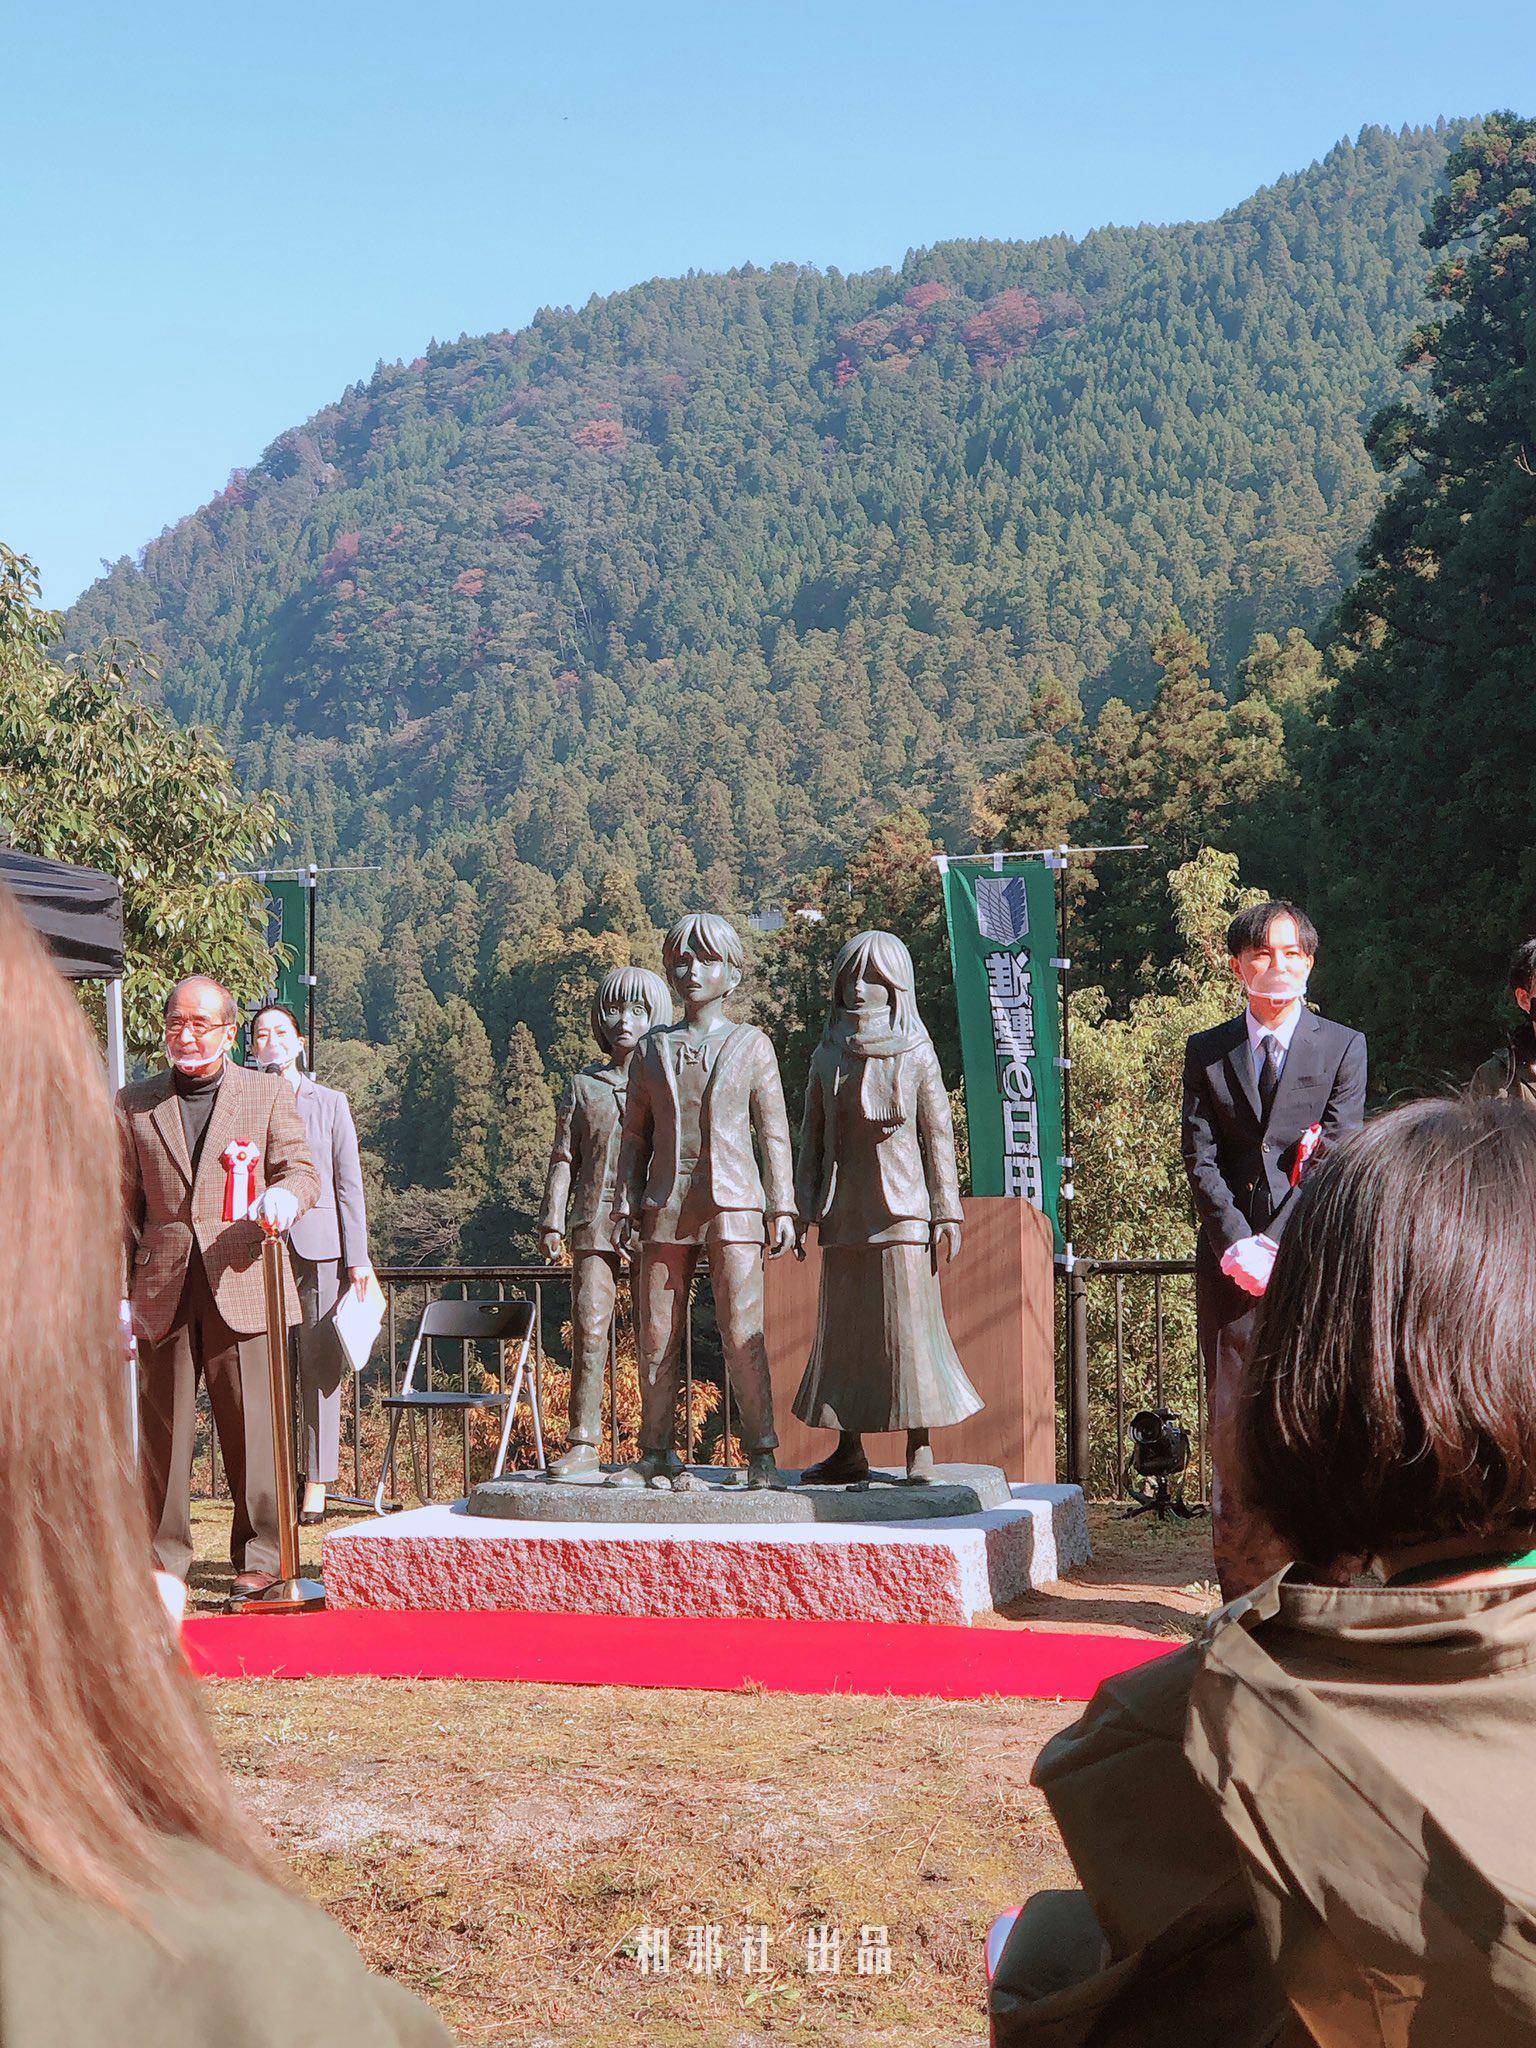 进击的巨人 谏山创 艾伦 三笠 阿尔敏 铜像 大分县日田市